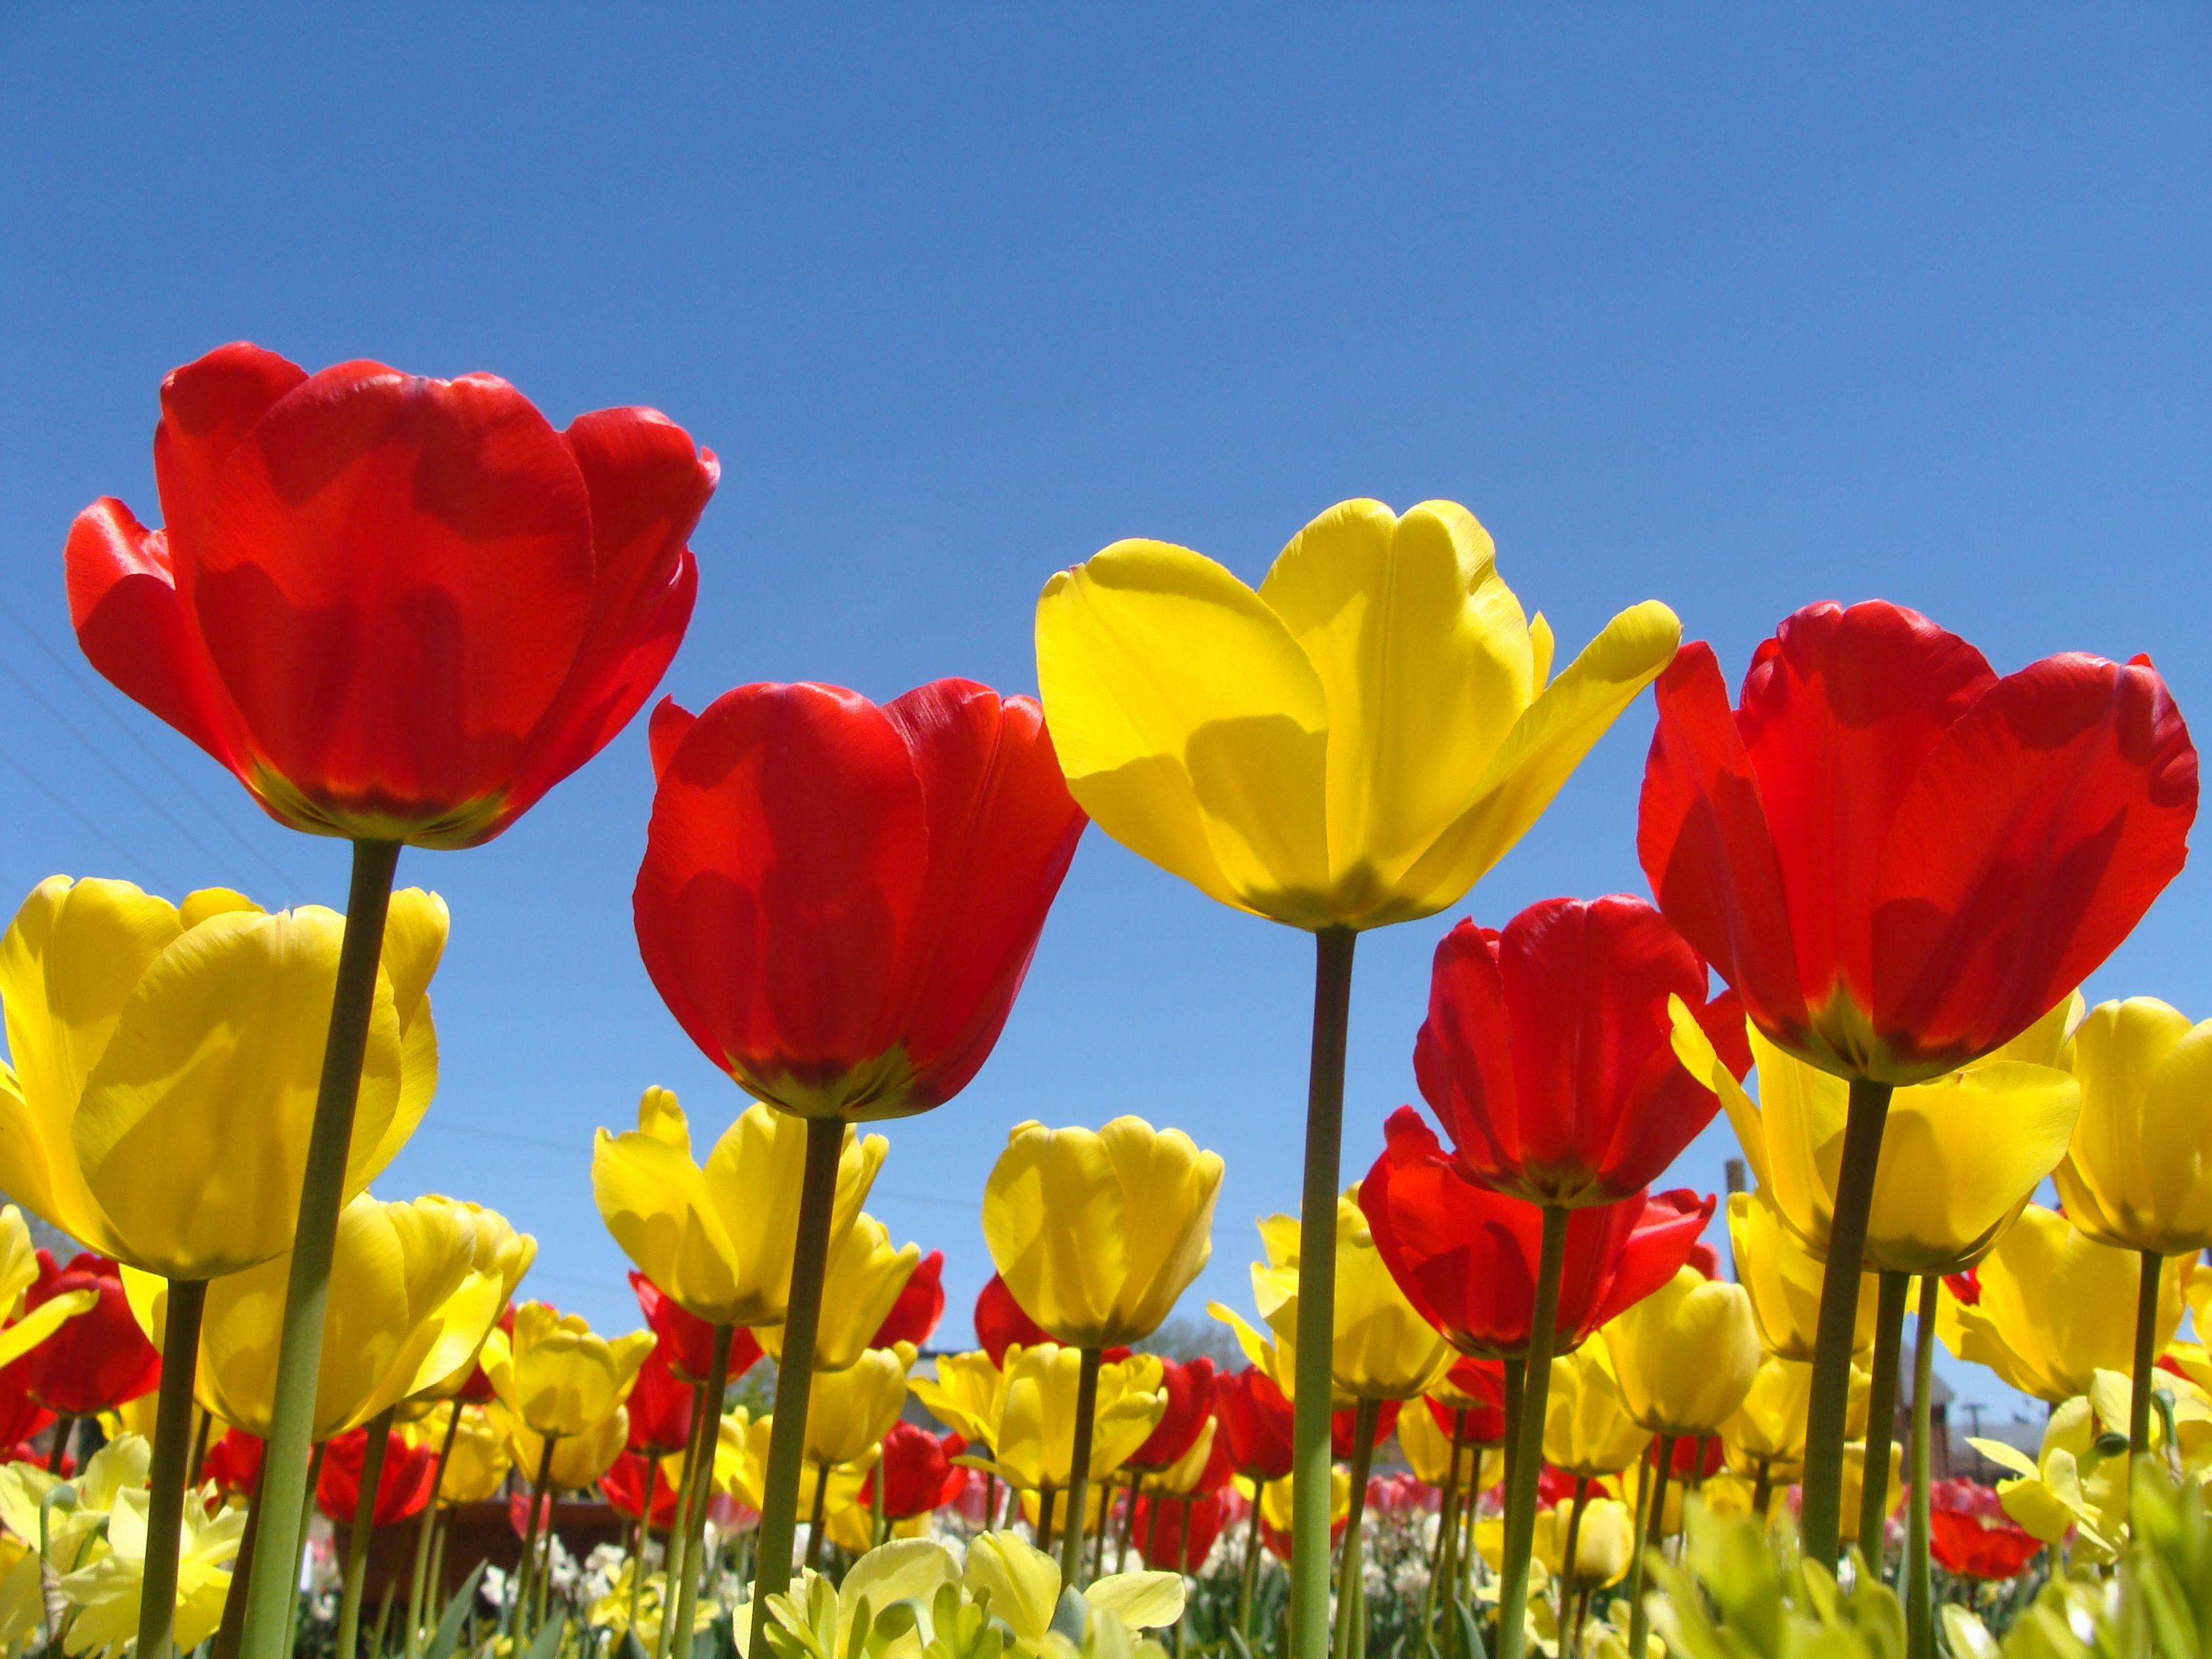 Spring flower wallpaper backgrounds hd desktop wallpapers 4k hd timeline mightylinksfo